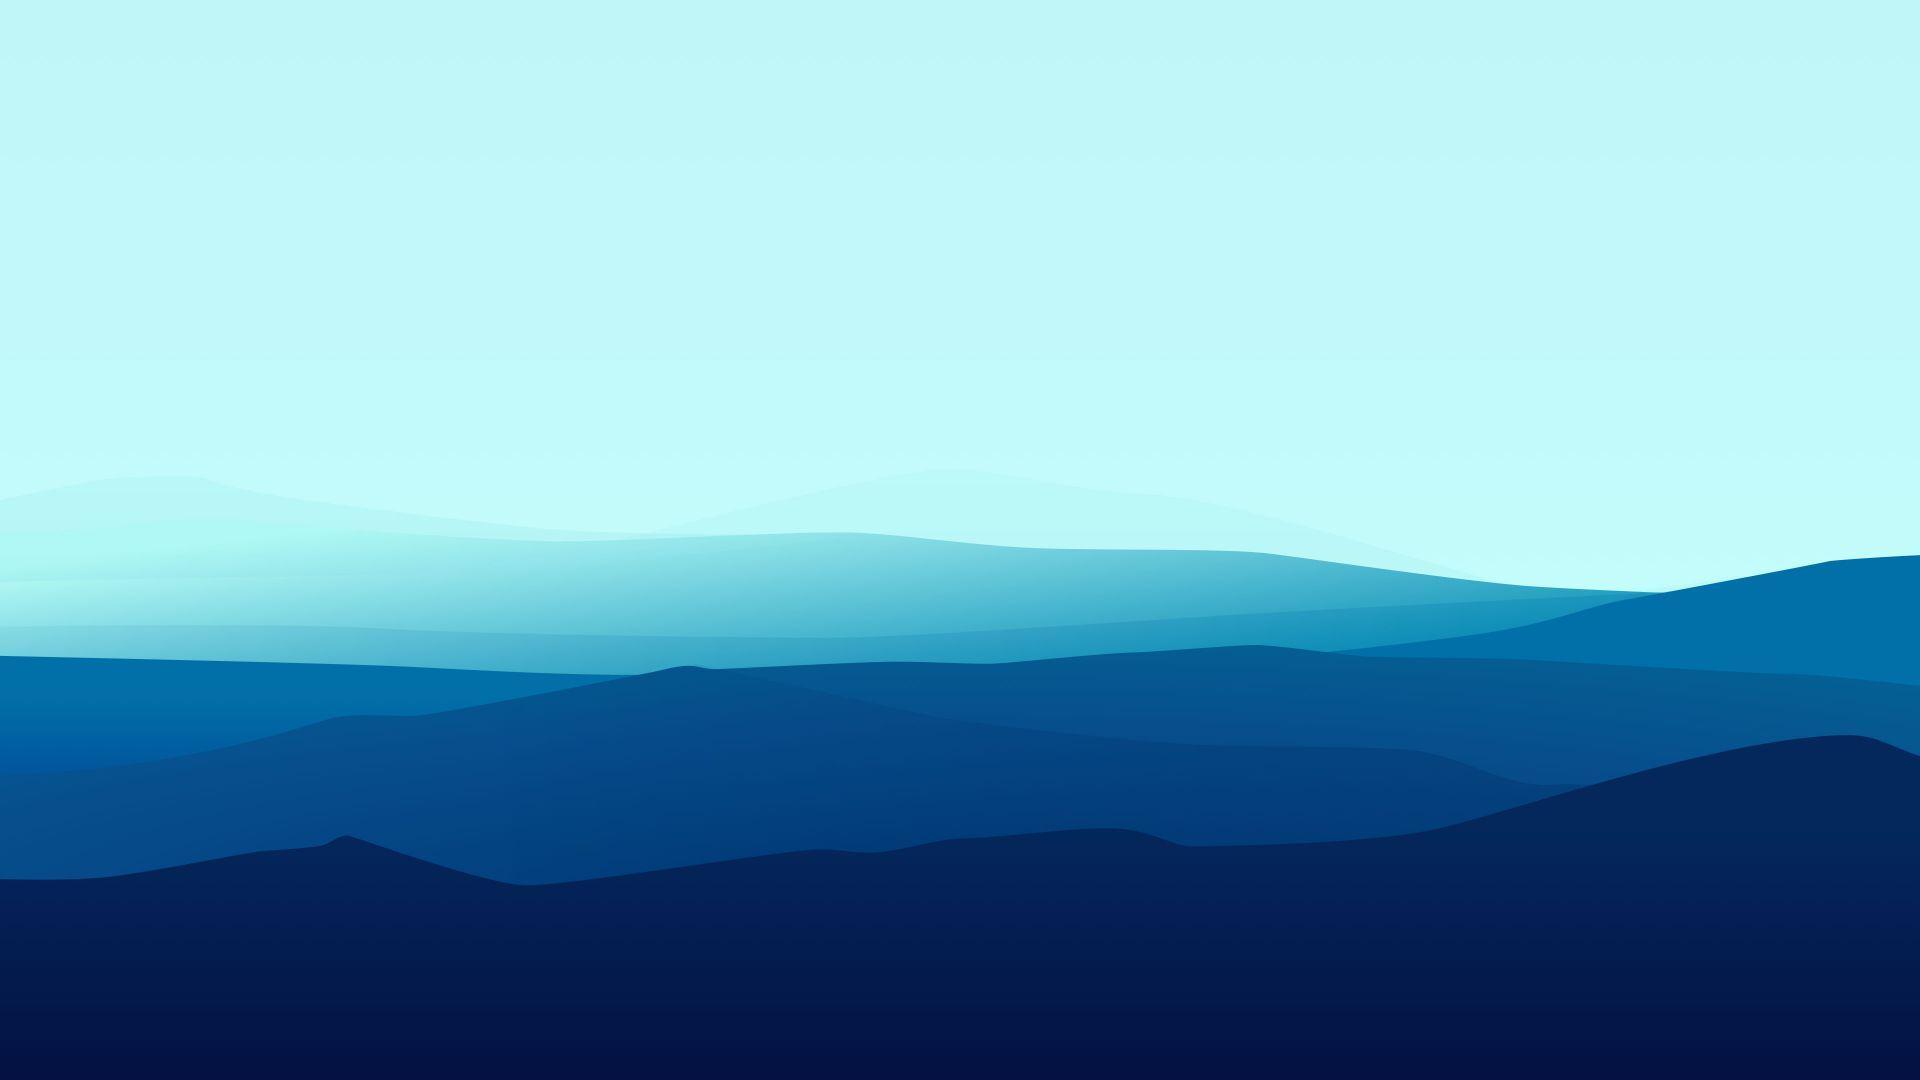 Landscape Flat 4k 5k Fog Iphone Wallpaper Forest Blue Horizontal Iphone Wallpaper Landscape Minimalist Desktop Wallpaper Minimalist Wallpaper